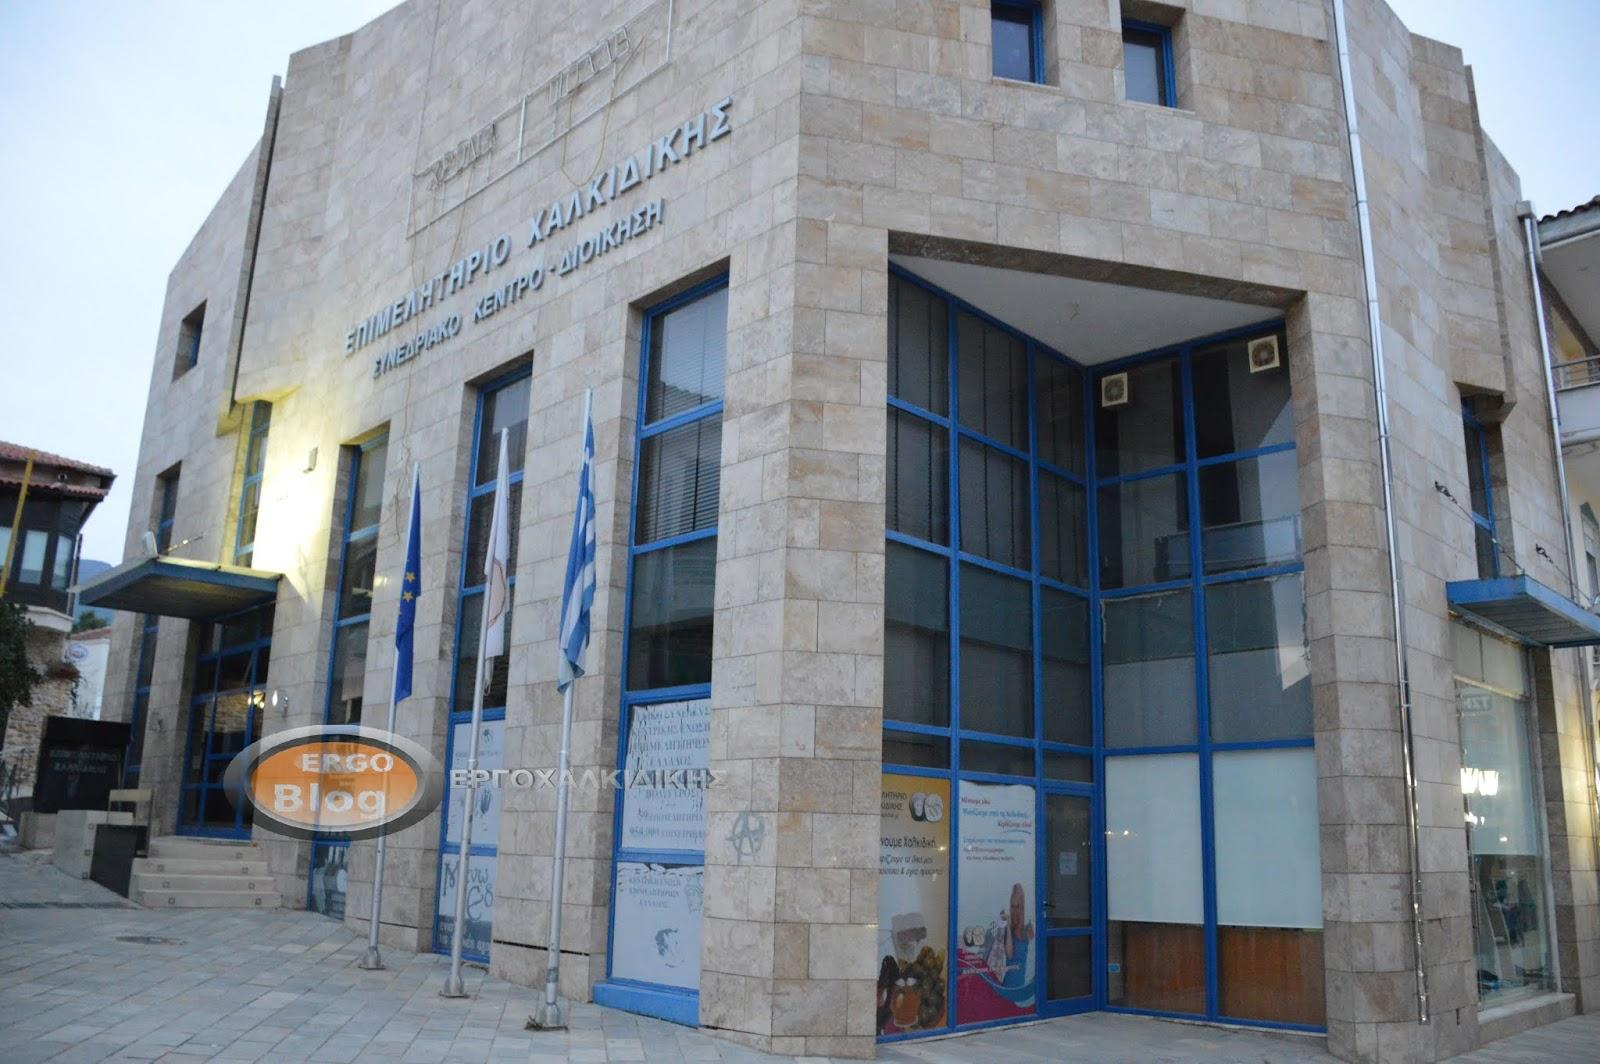 Κλειστή η υπηρεσία του Επιμελητηρίου Χαλκιδικής την Τρίτη 12/02/2019